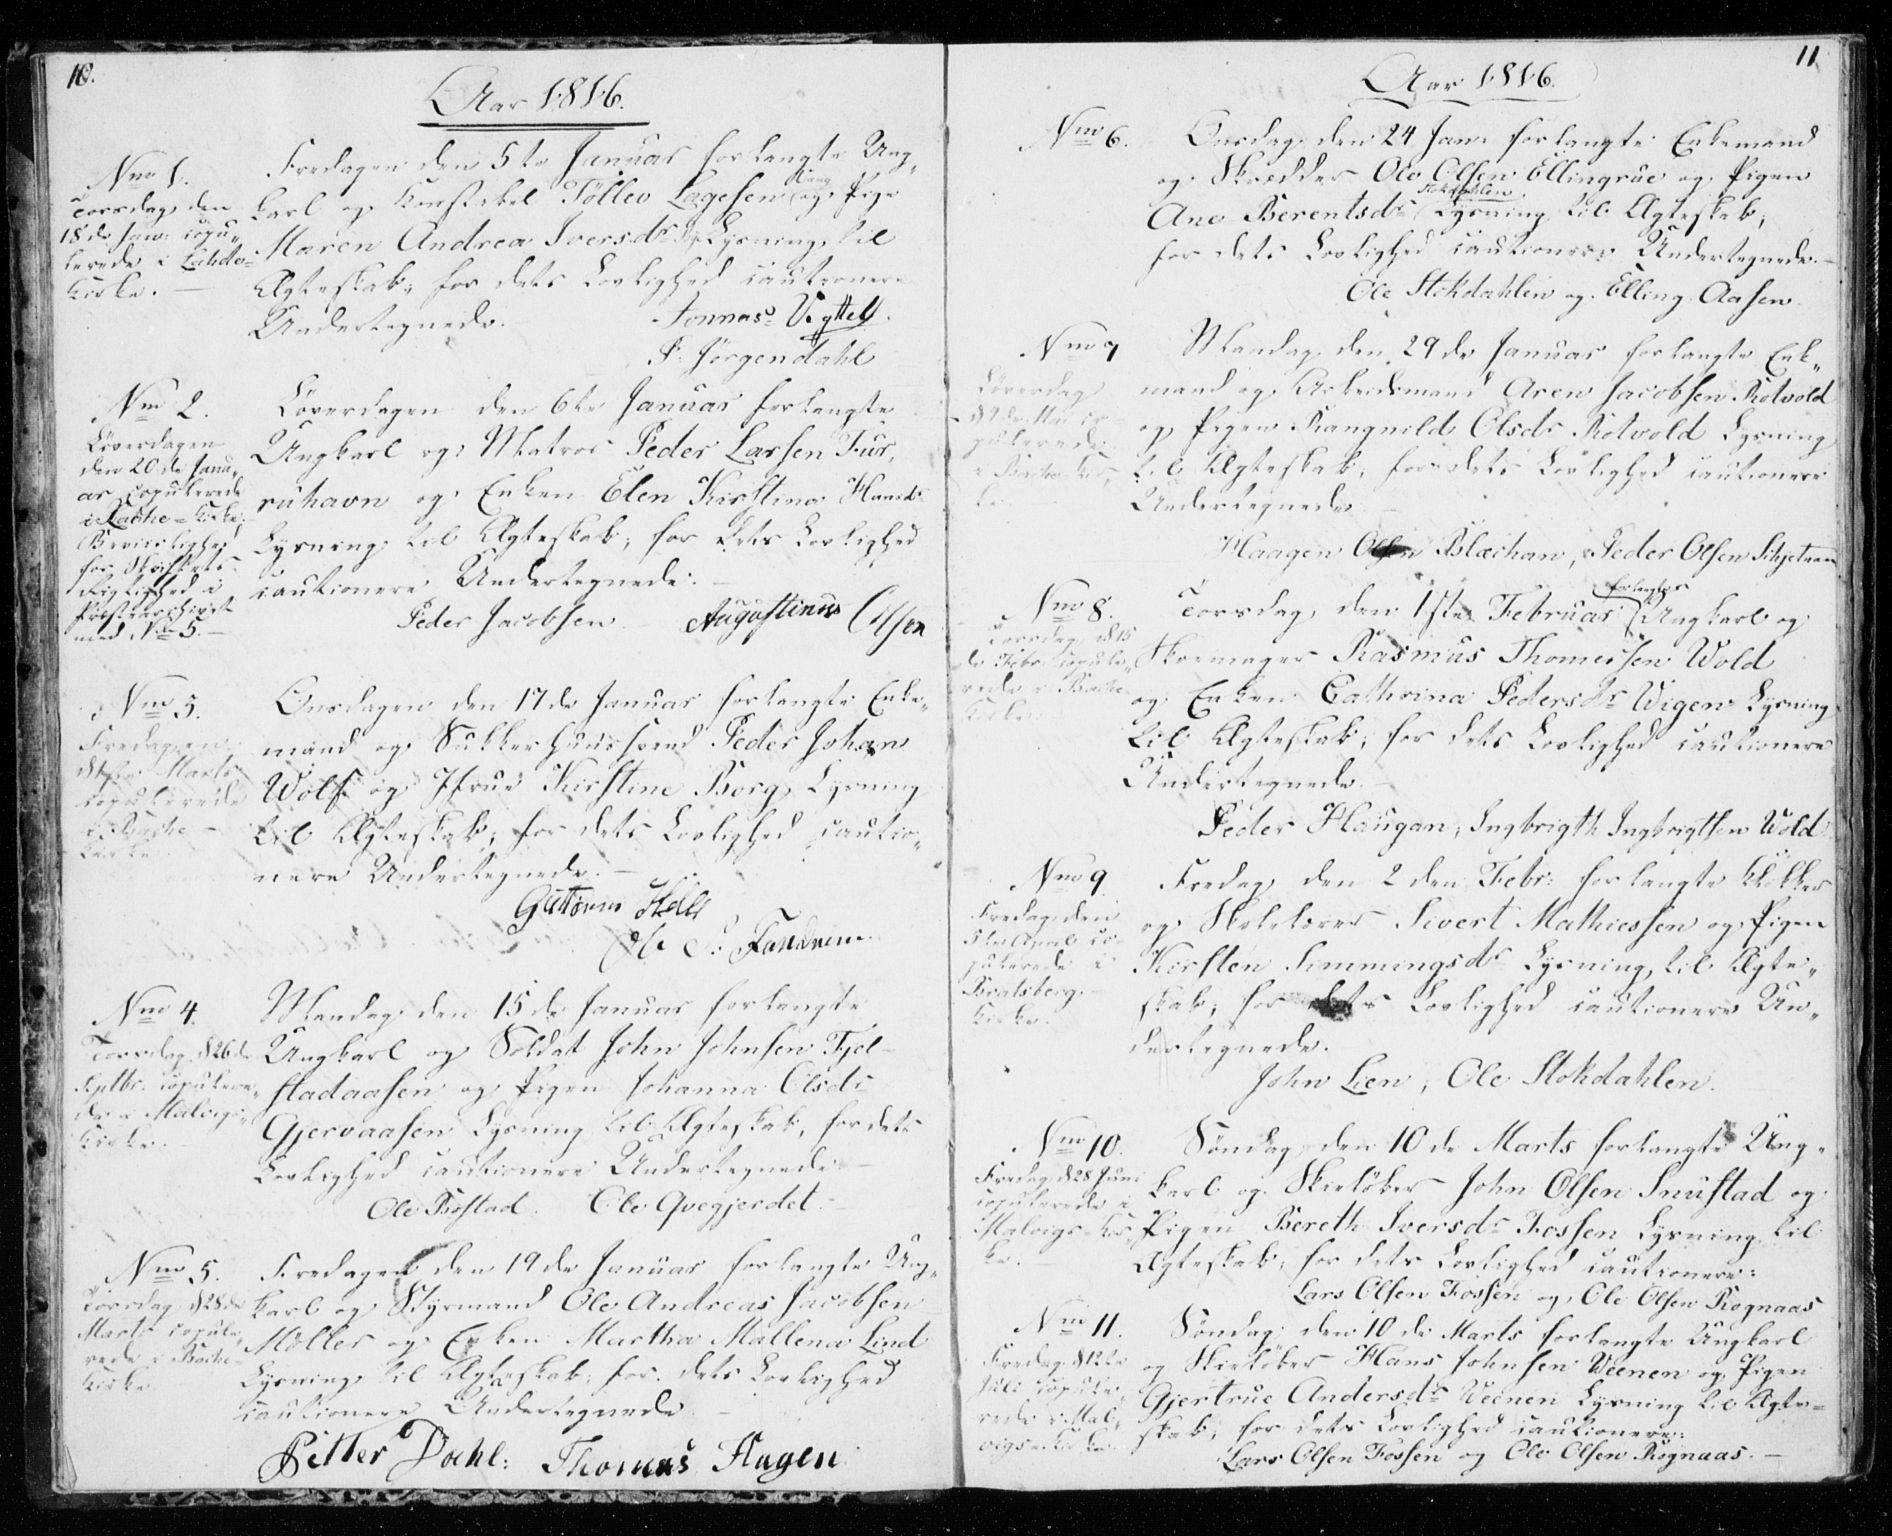 SAT, Ministerialprotokoller, klokkerbøker og fødselsregistre - Sør-Trøndelag, 606/L0295: Lysningsprotokoll nr. 606A10, 1815-1833, s. 10-11